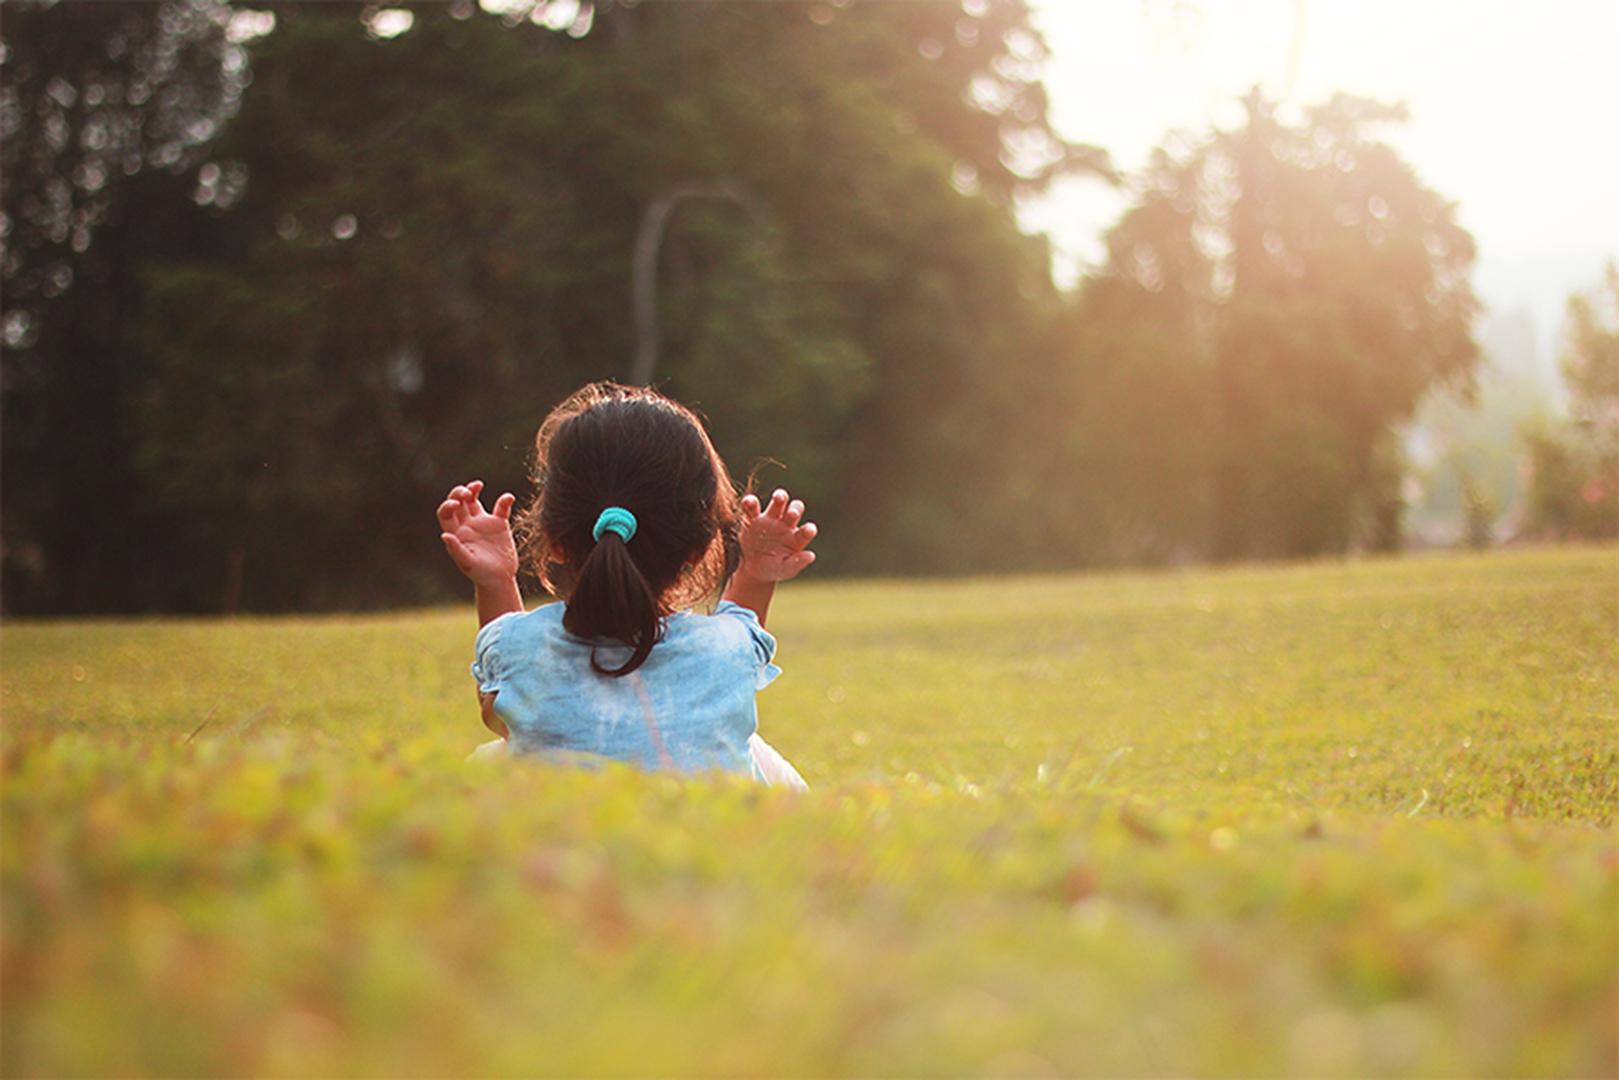 为什么说甲醛对孩子的危害最严重